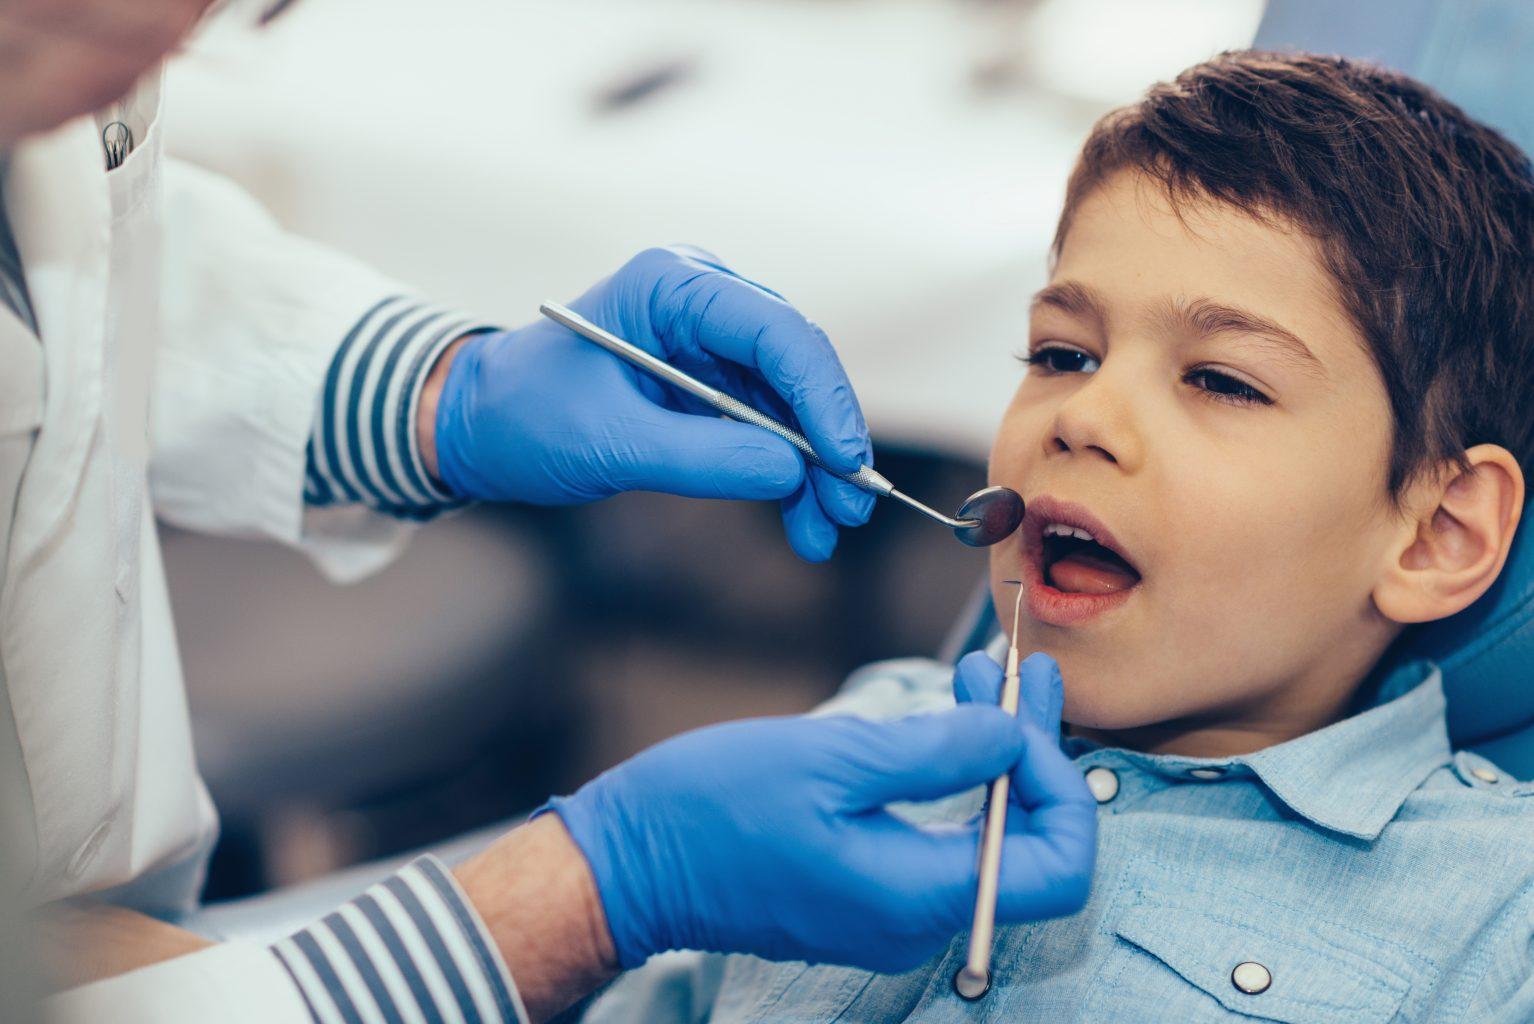 Little Boy Having Dental Exam